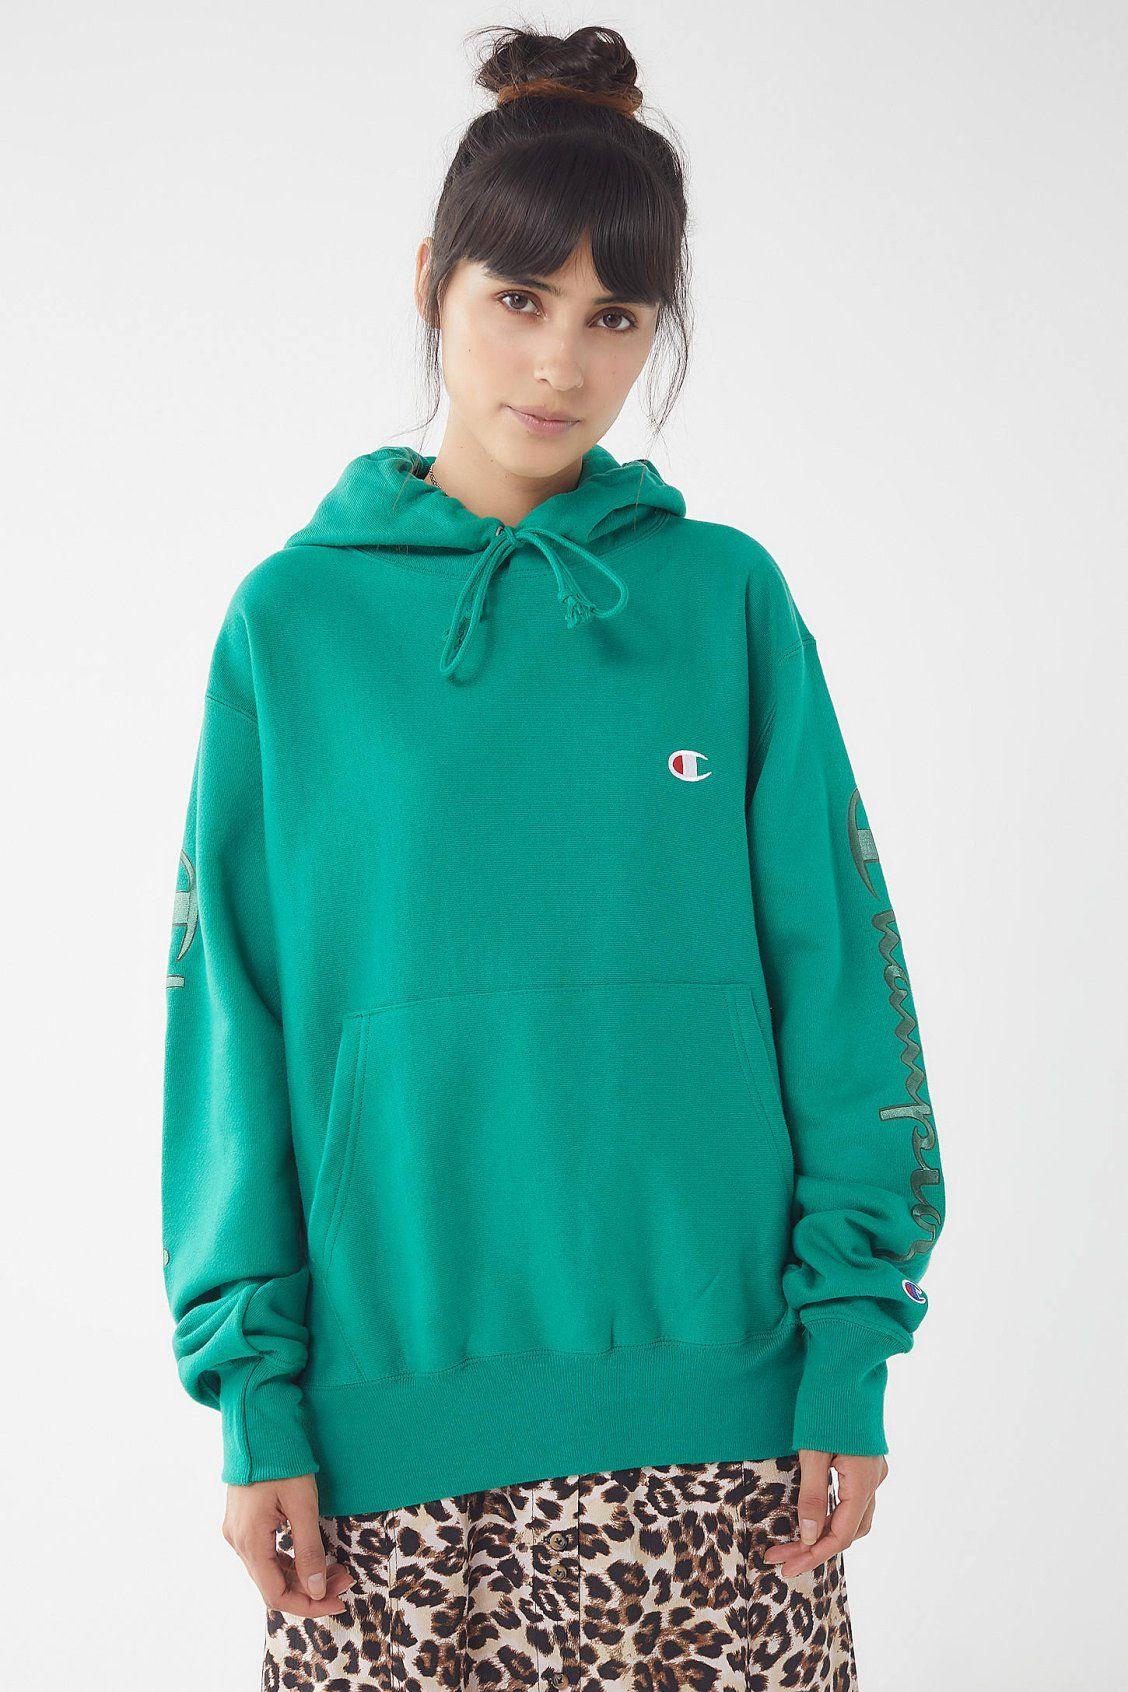 Champion Uo Reverse Weave Hoodie Sweatshirt Zhenskaya Moda Moda [ 1692 x 1128 Pixel ]